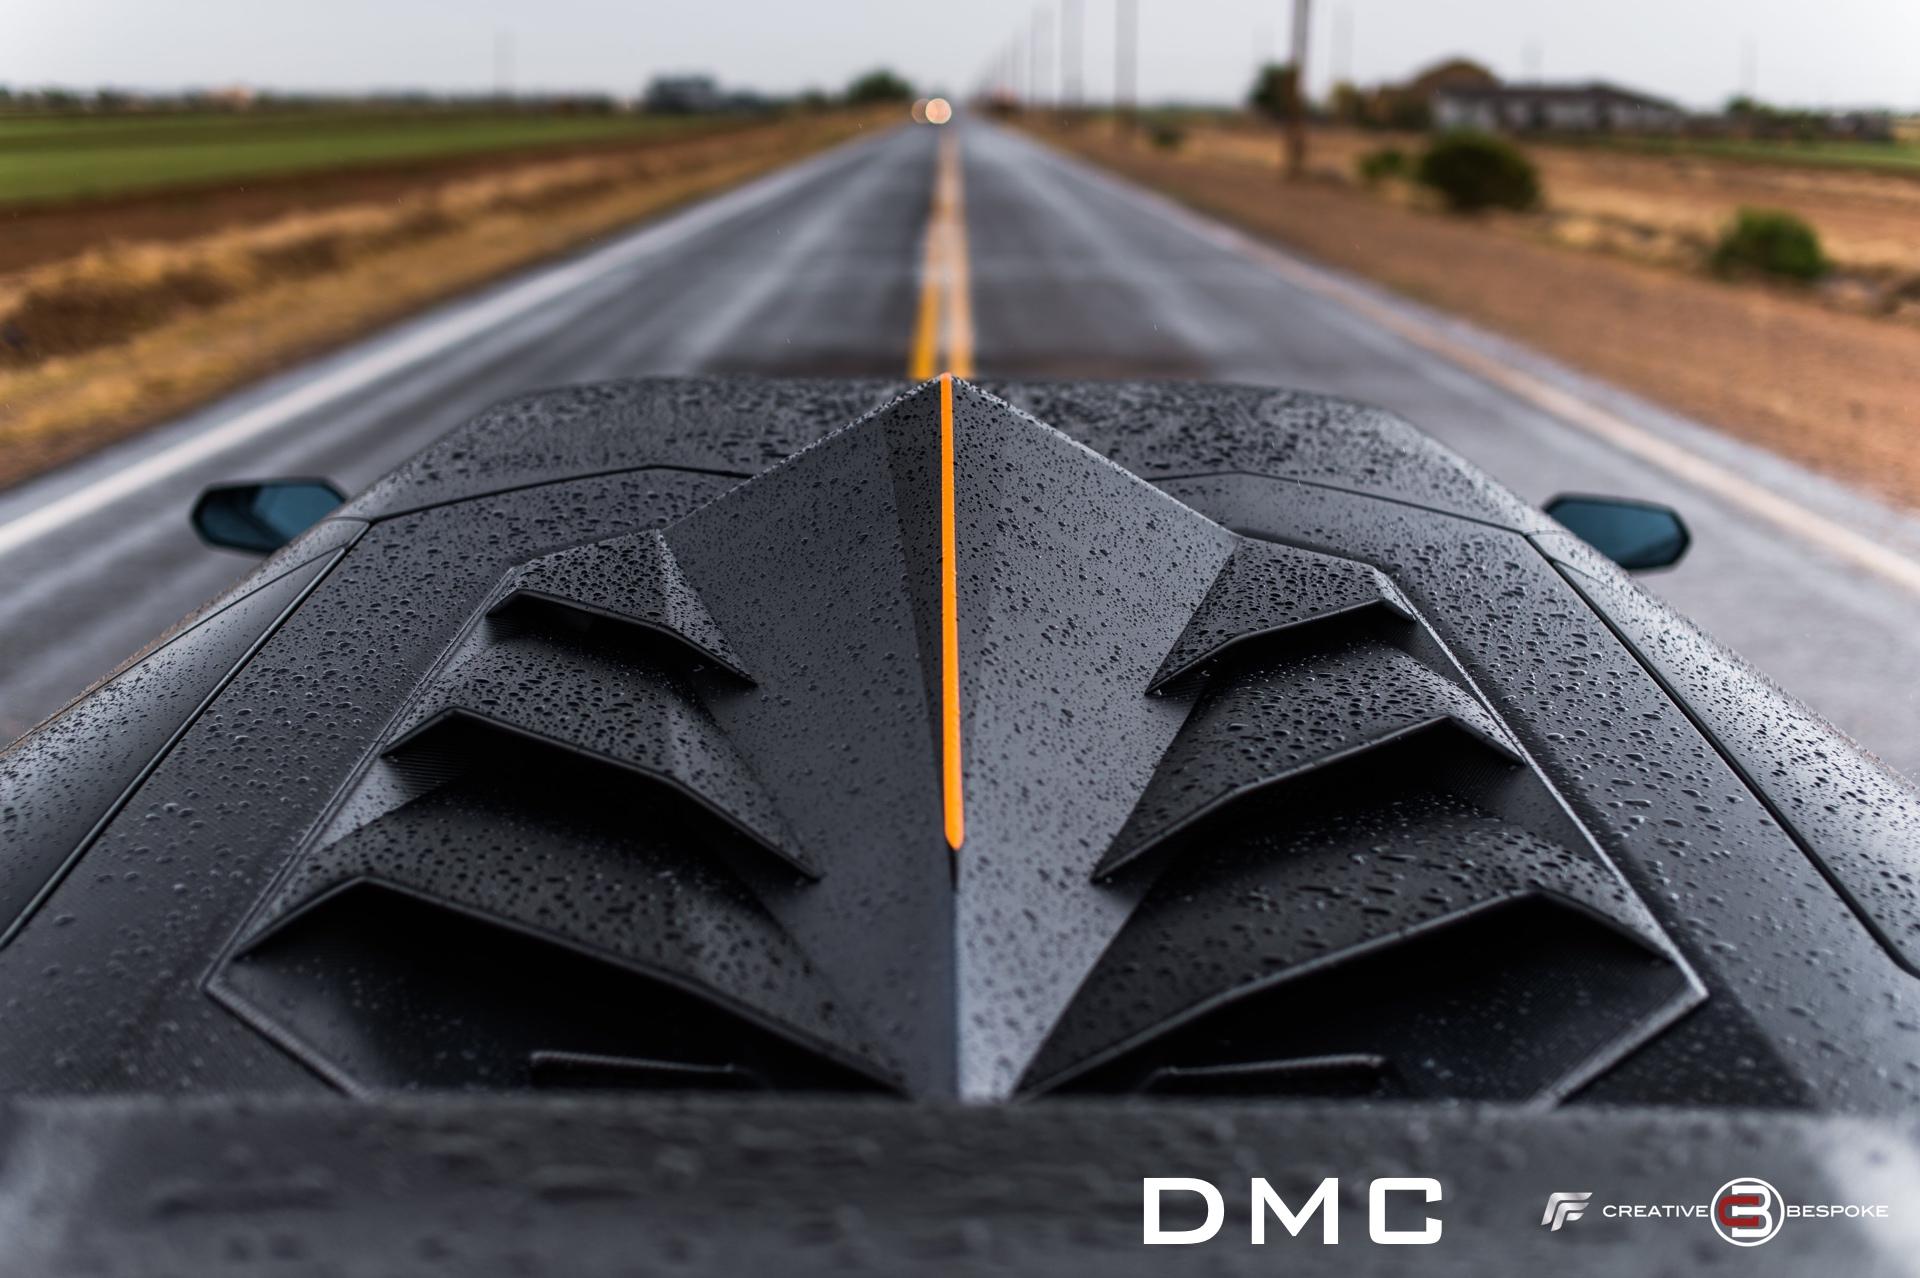 Lamborghini_Aventador_Edizione_GT_Las_Americas_DMC_0004